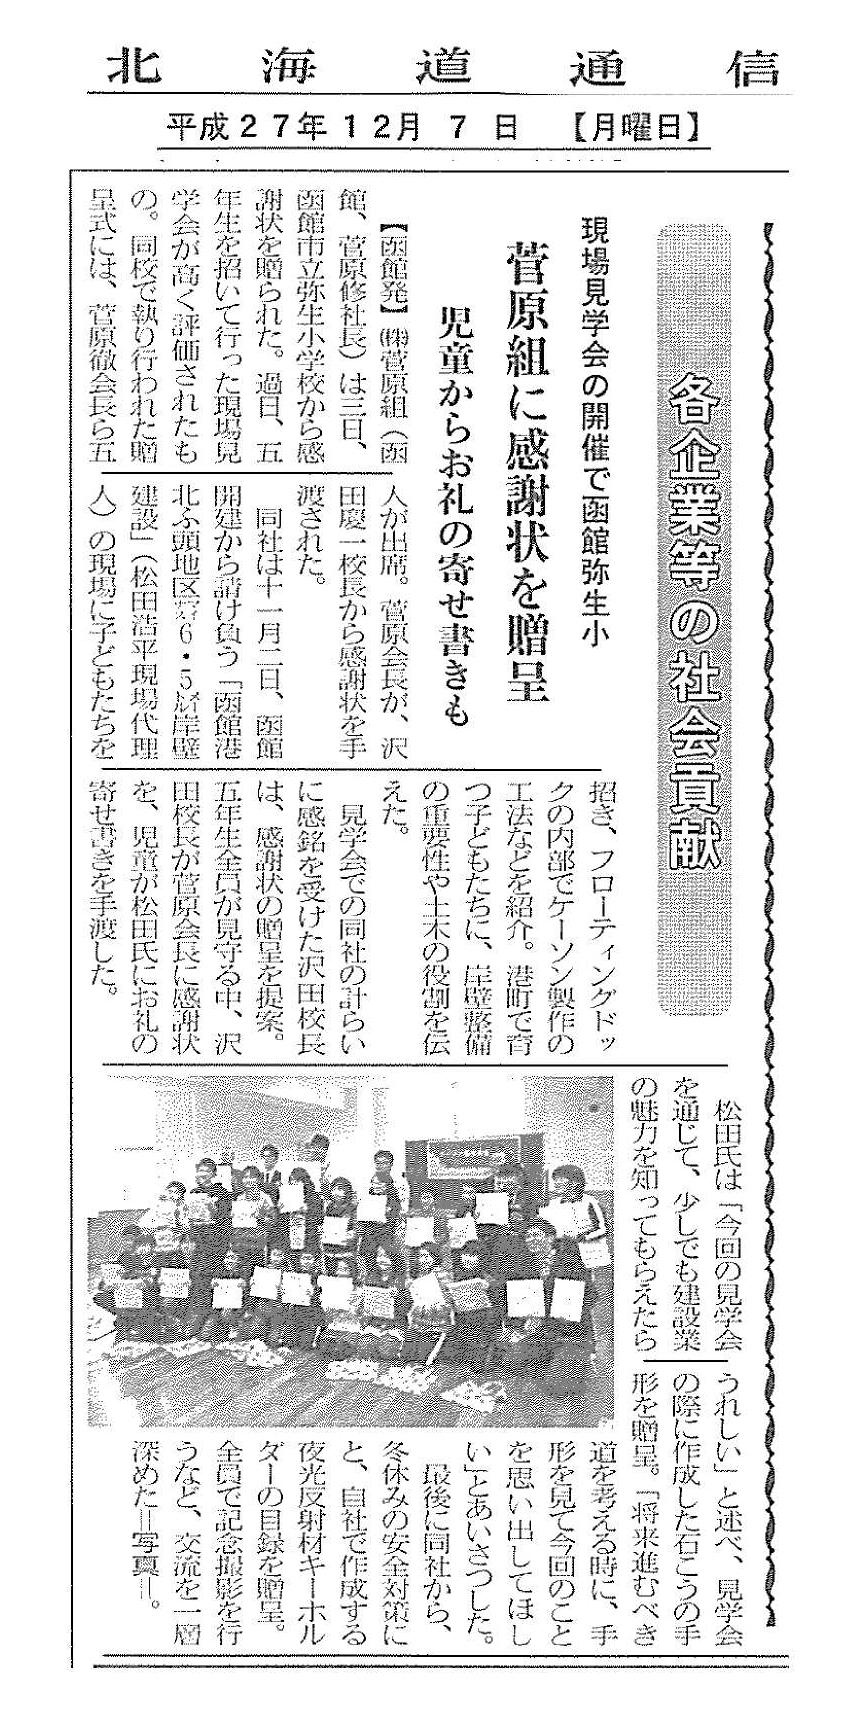 函館市立弥生小学校 感謝状 新聞記事